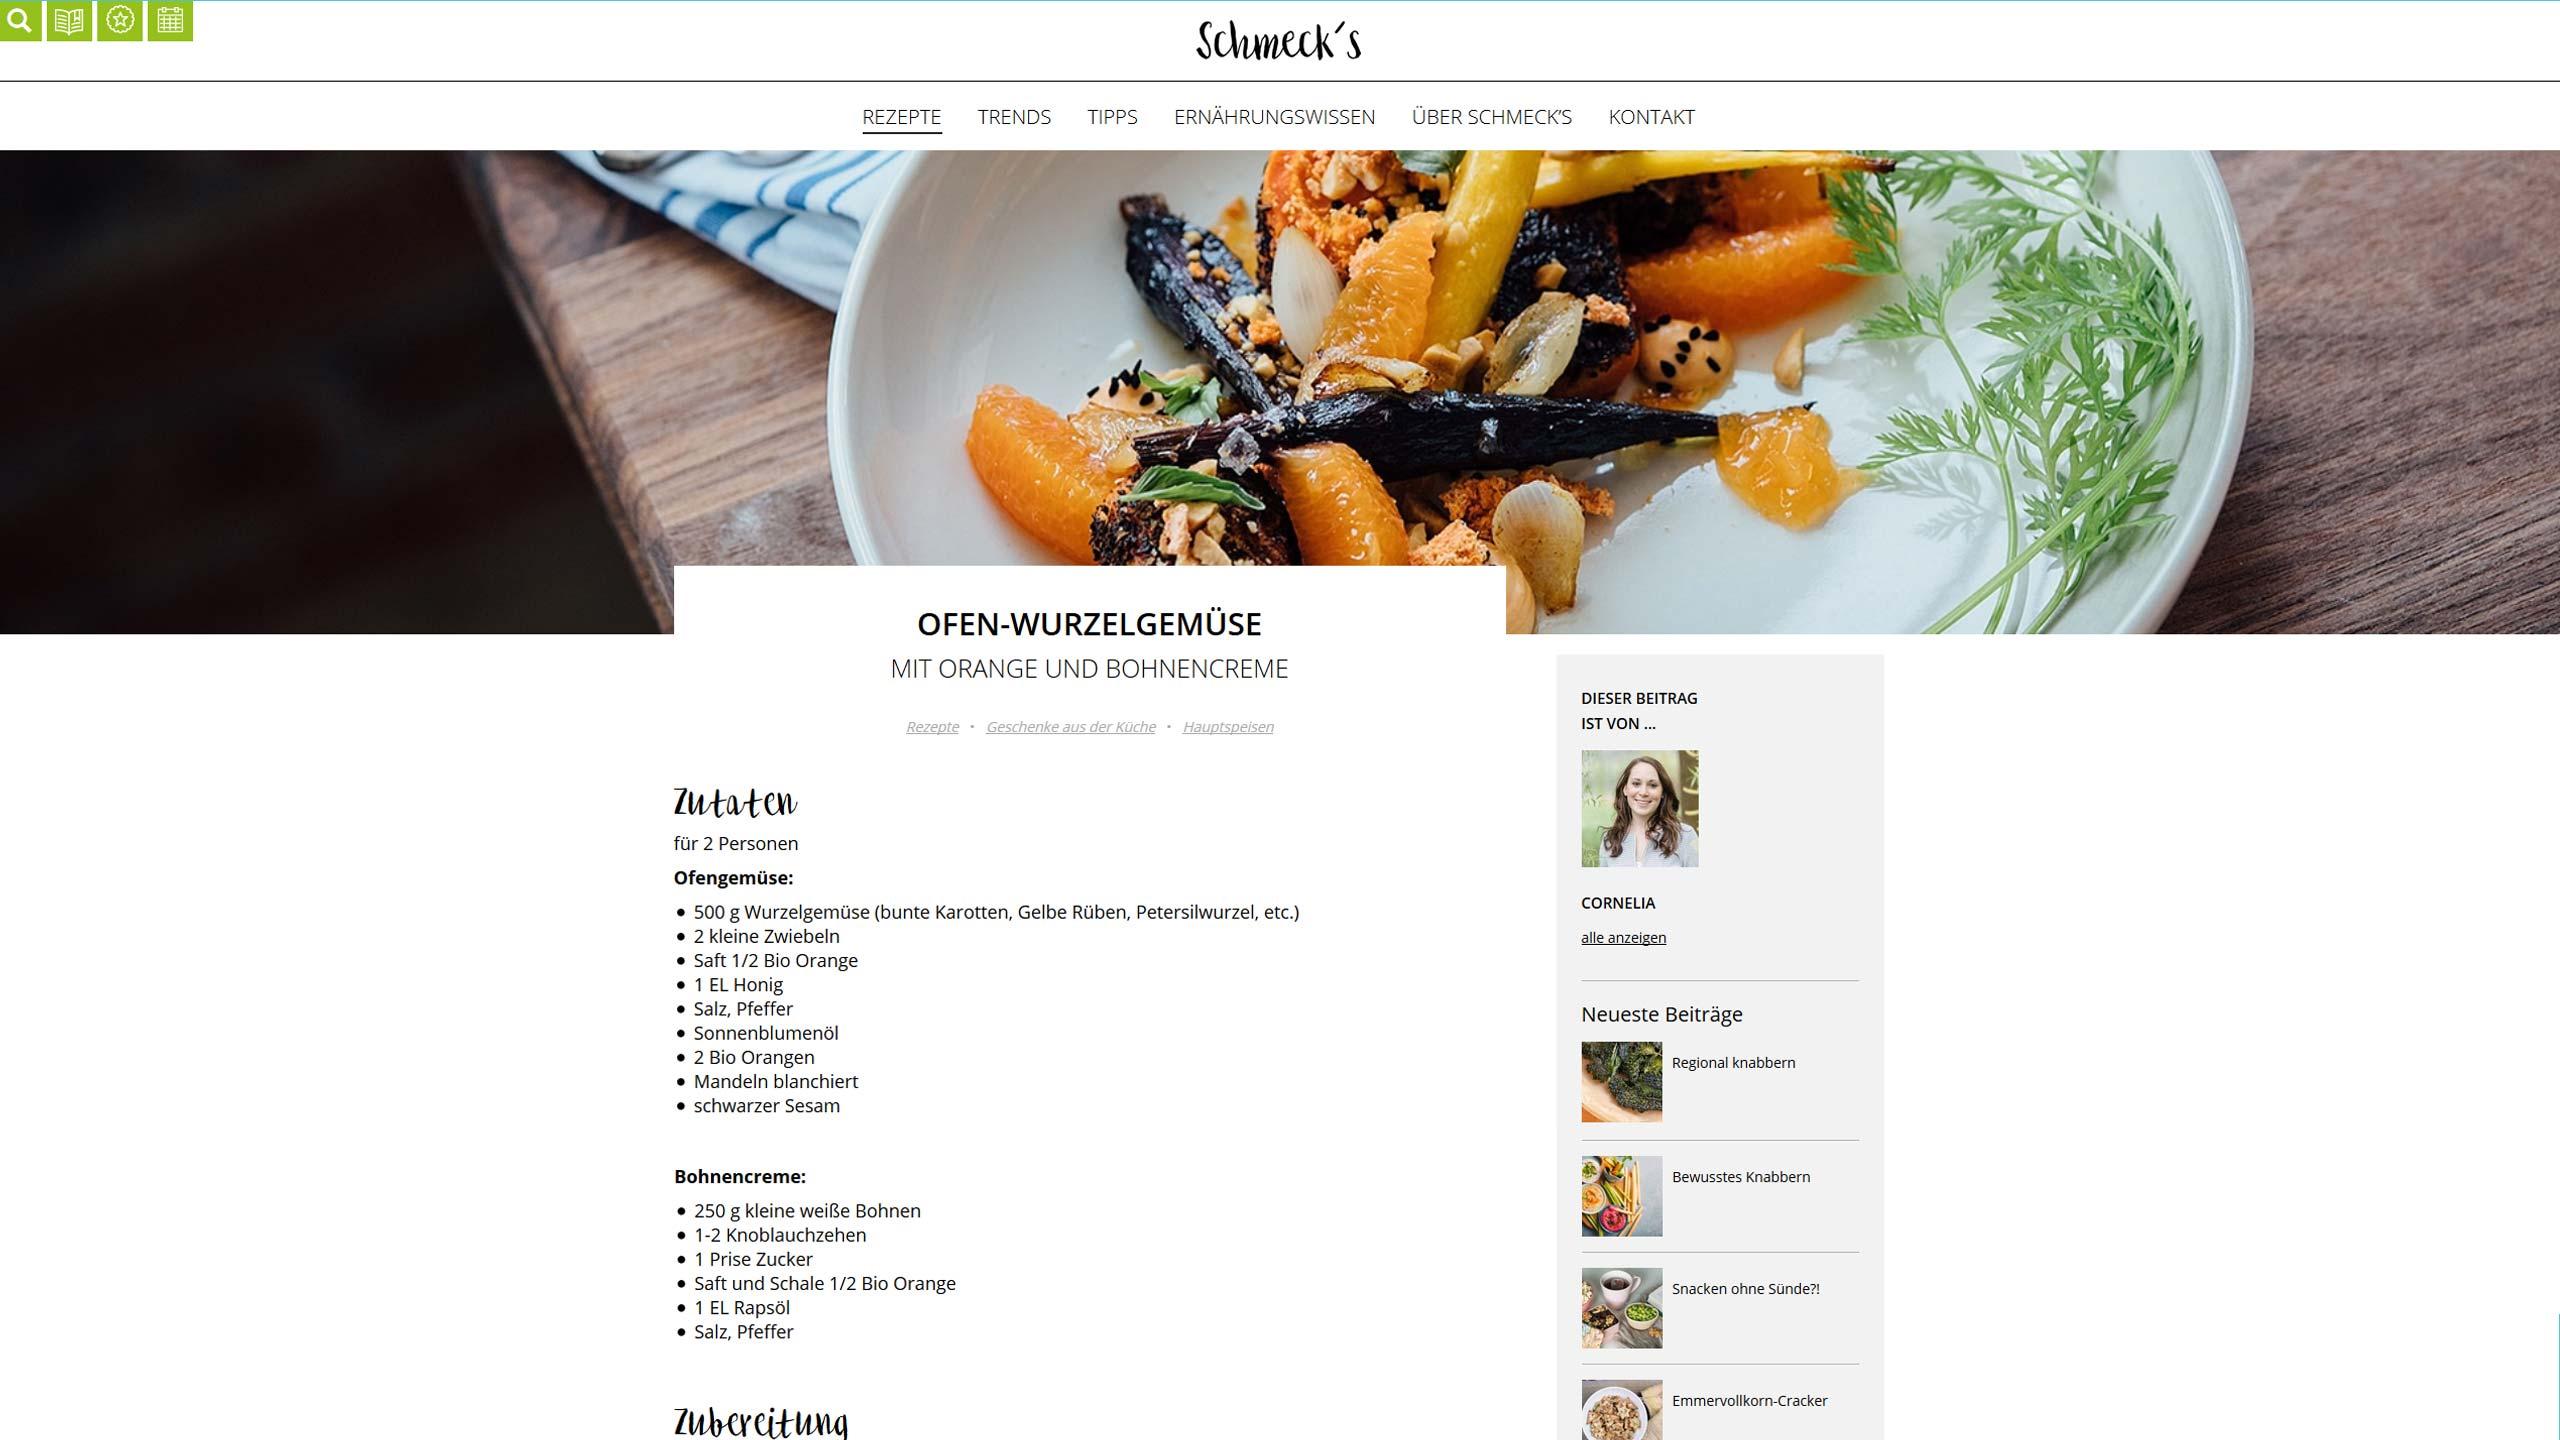 upart Referenz für die Webseite Schmeck's OÖ - Max Hiegelsberger